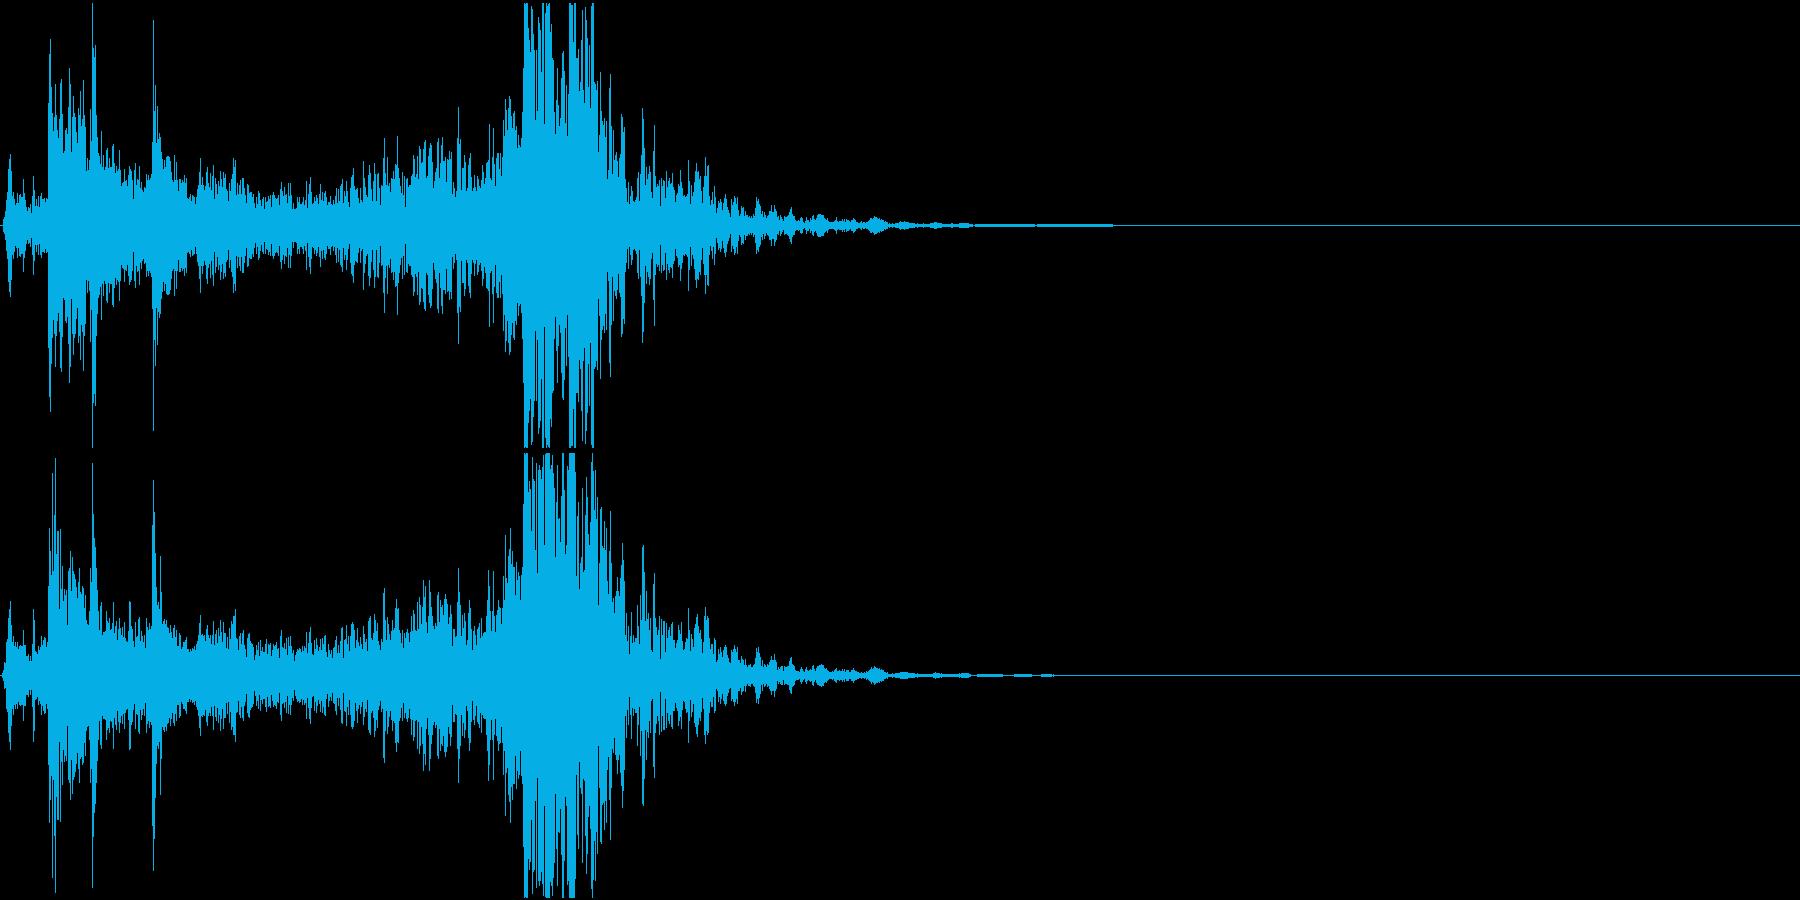 光線銃/重ため 溜め~発射音の再生済みの波形